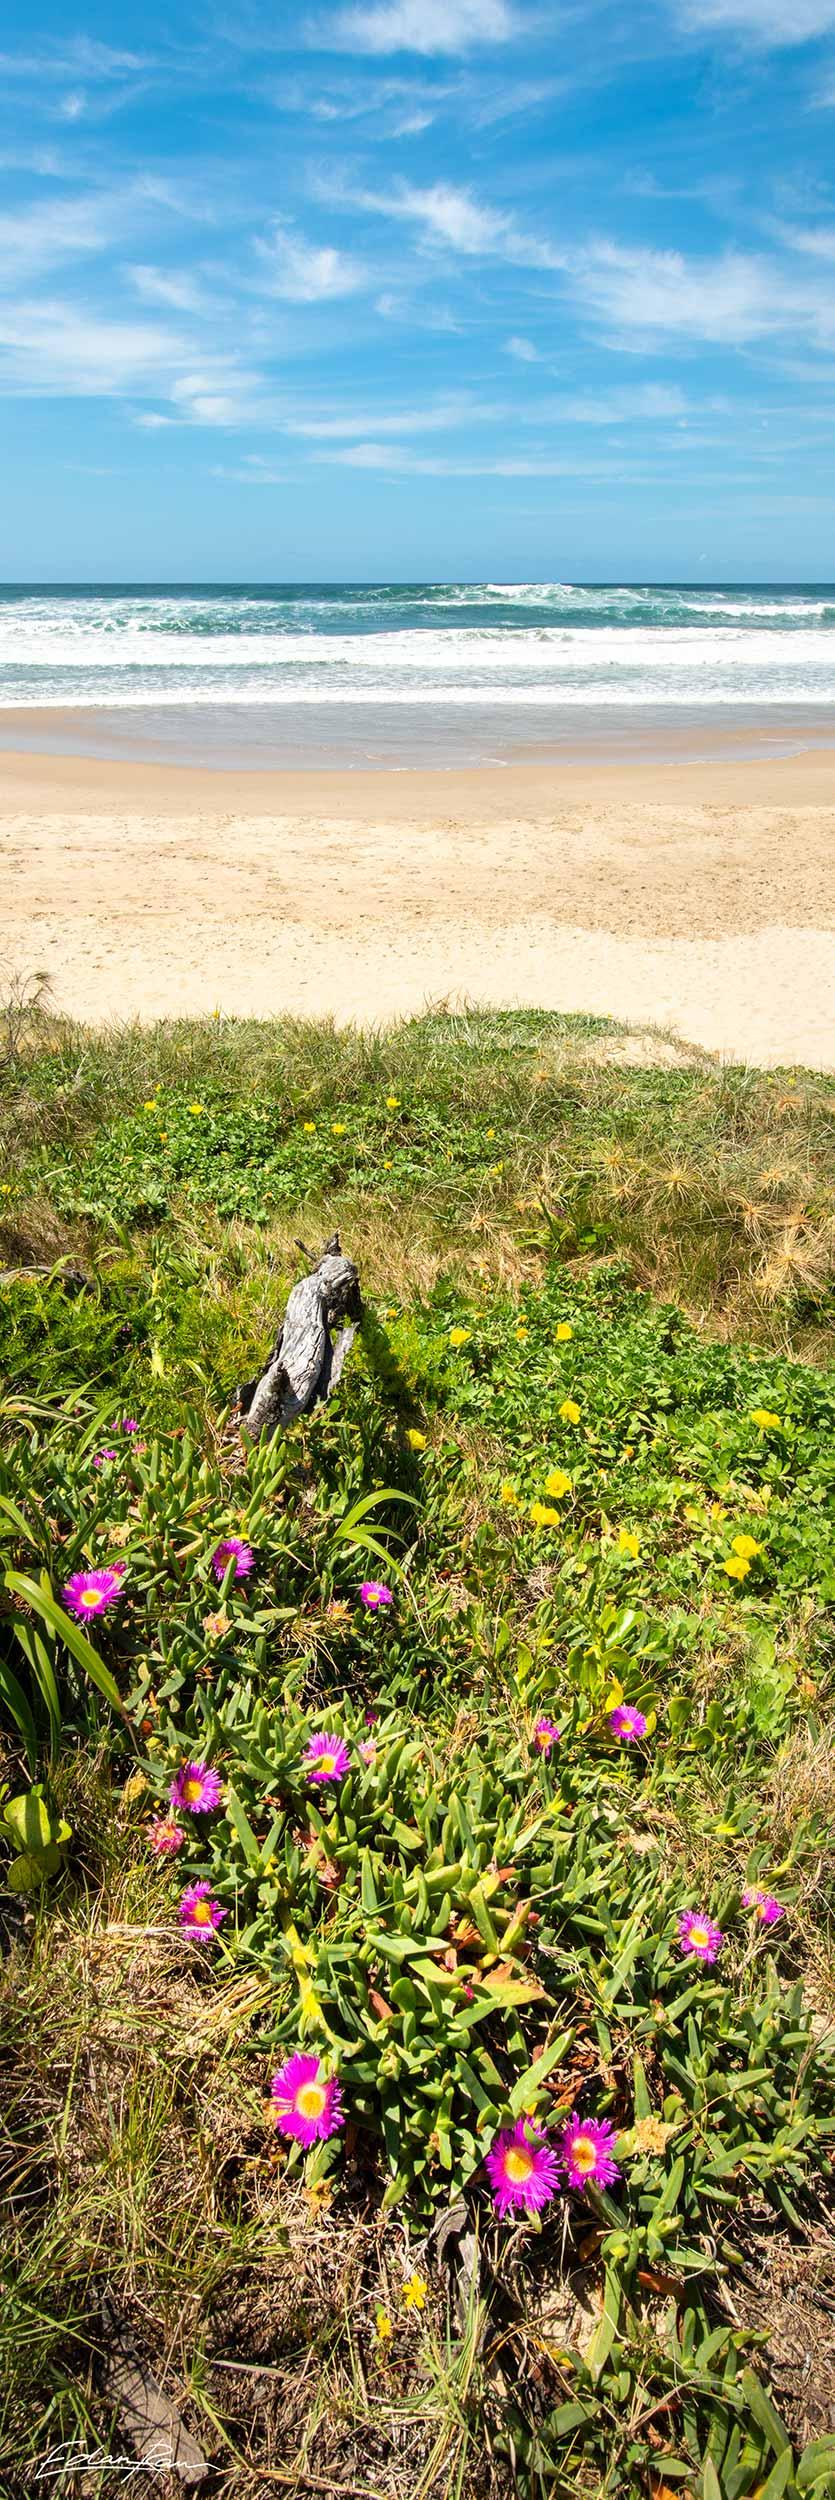 peregian beach landscape photo